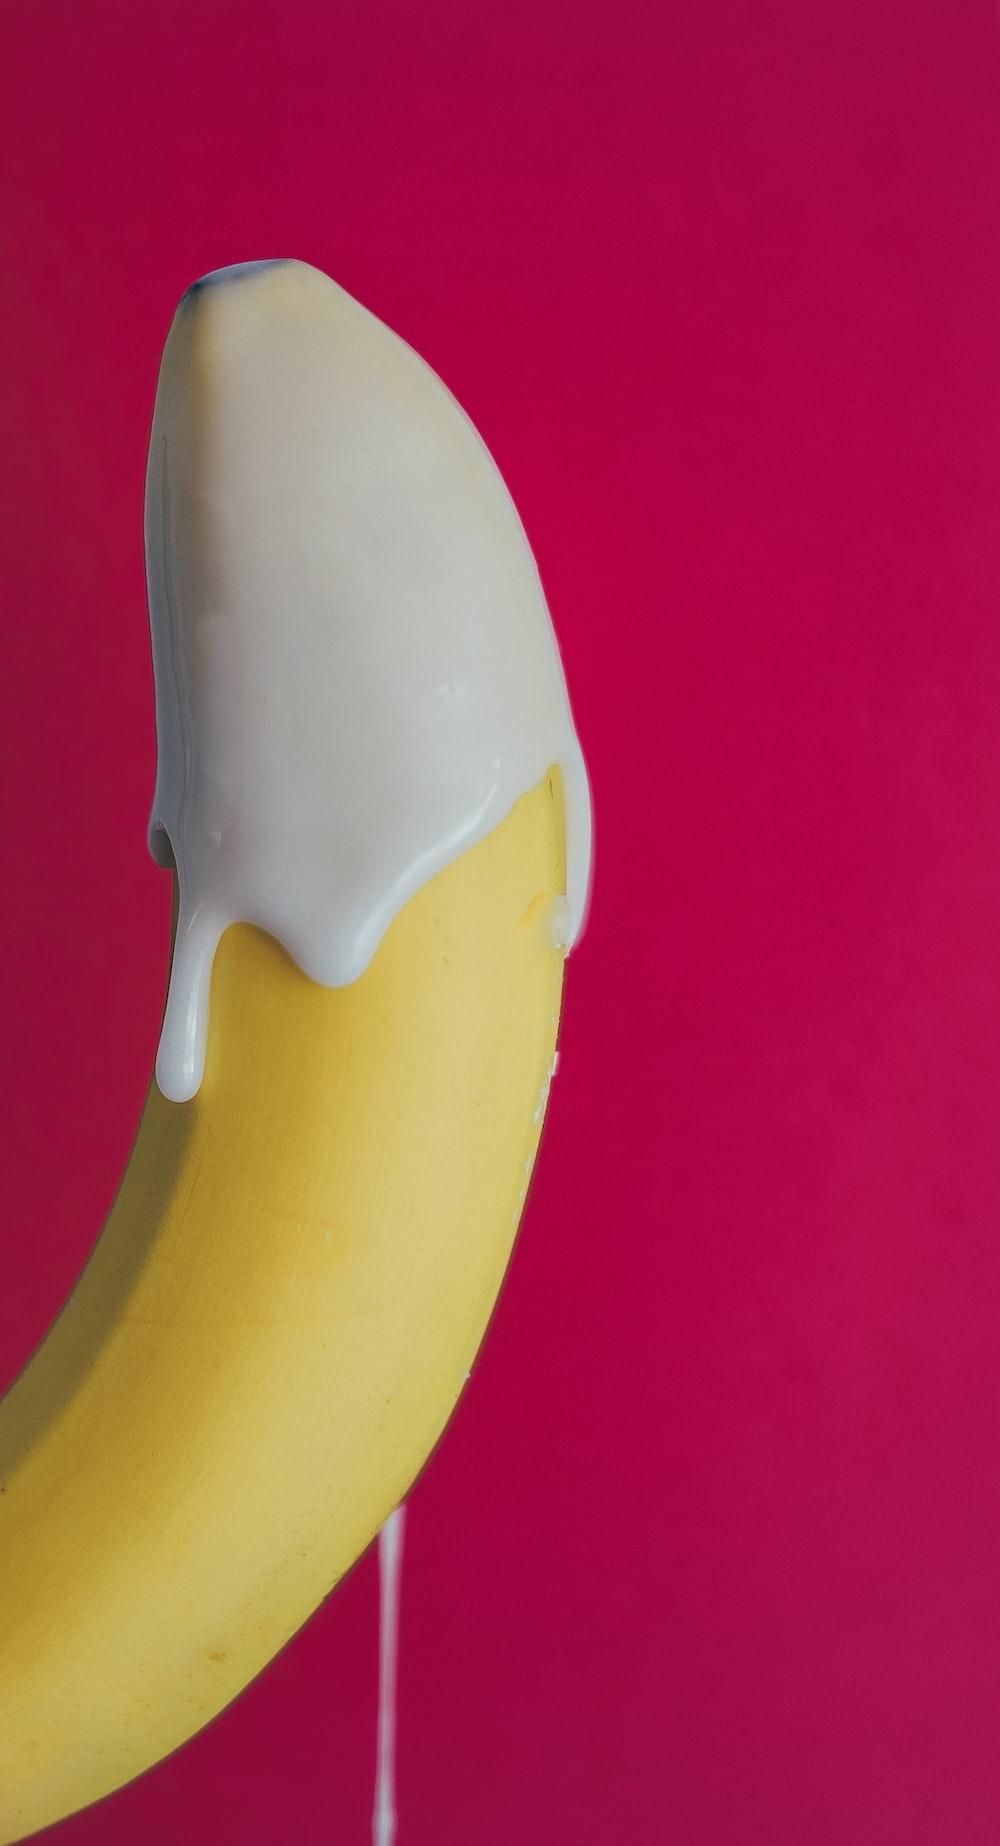 yellow banana with cream